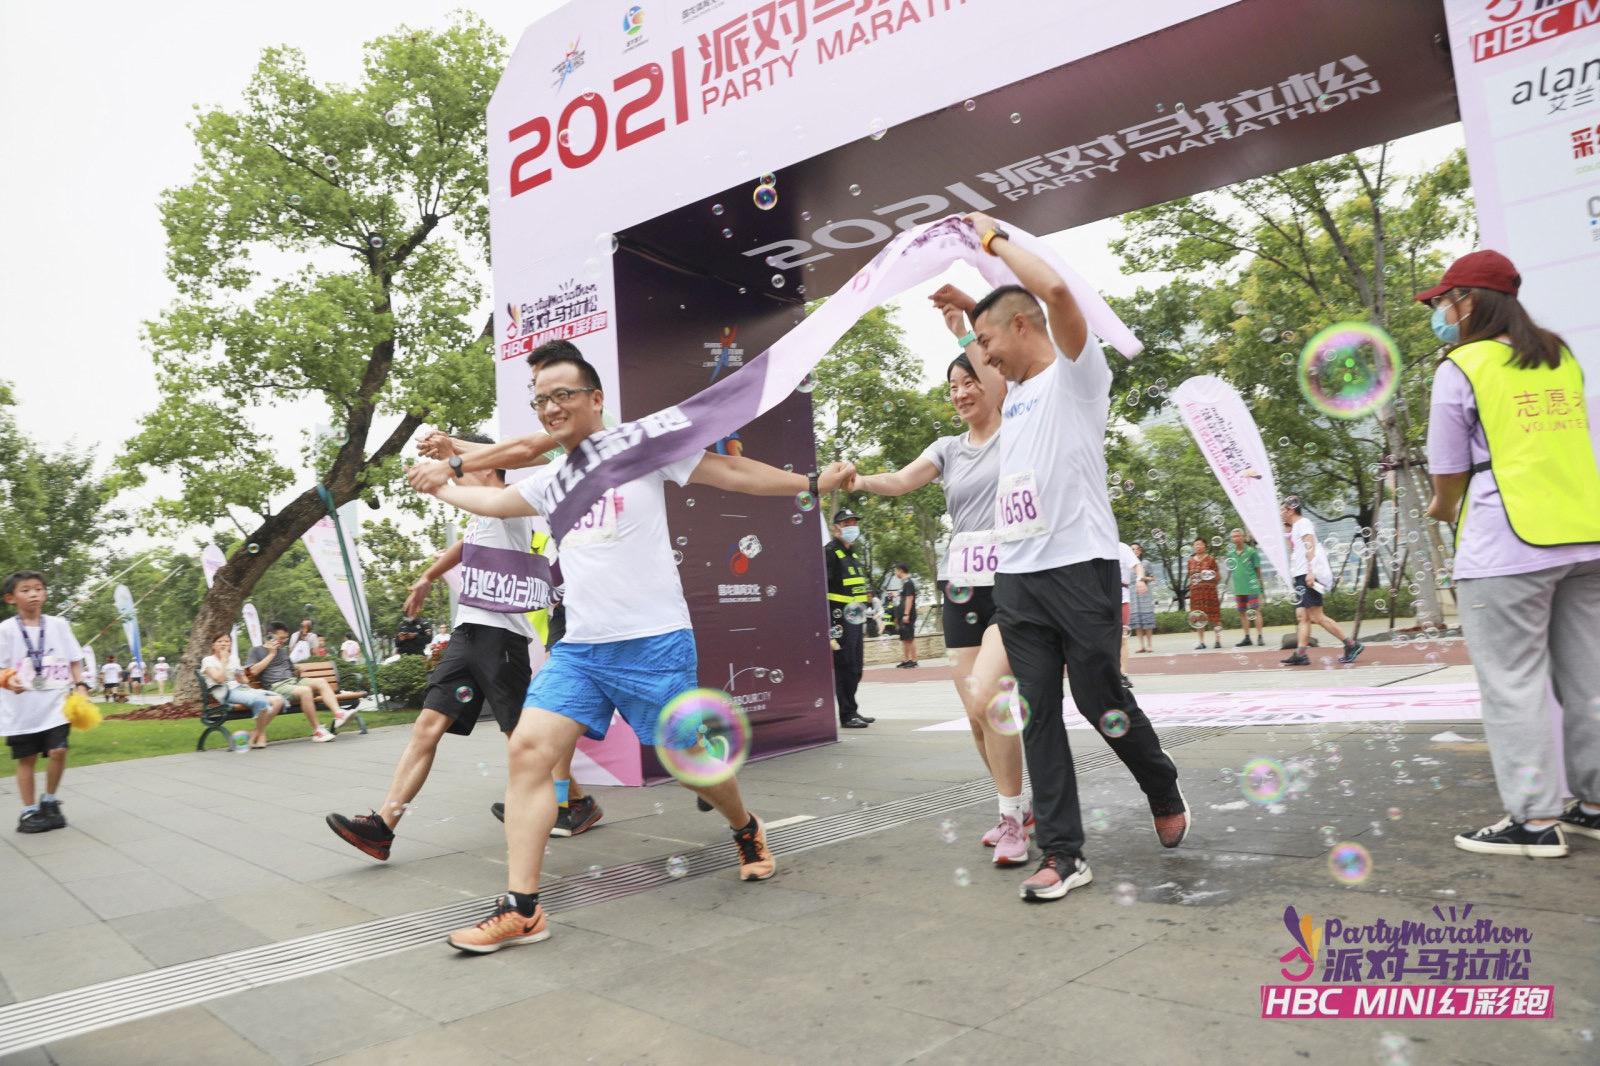 融合体育与娱乐,派对马拉松亮相申城